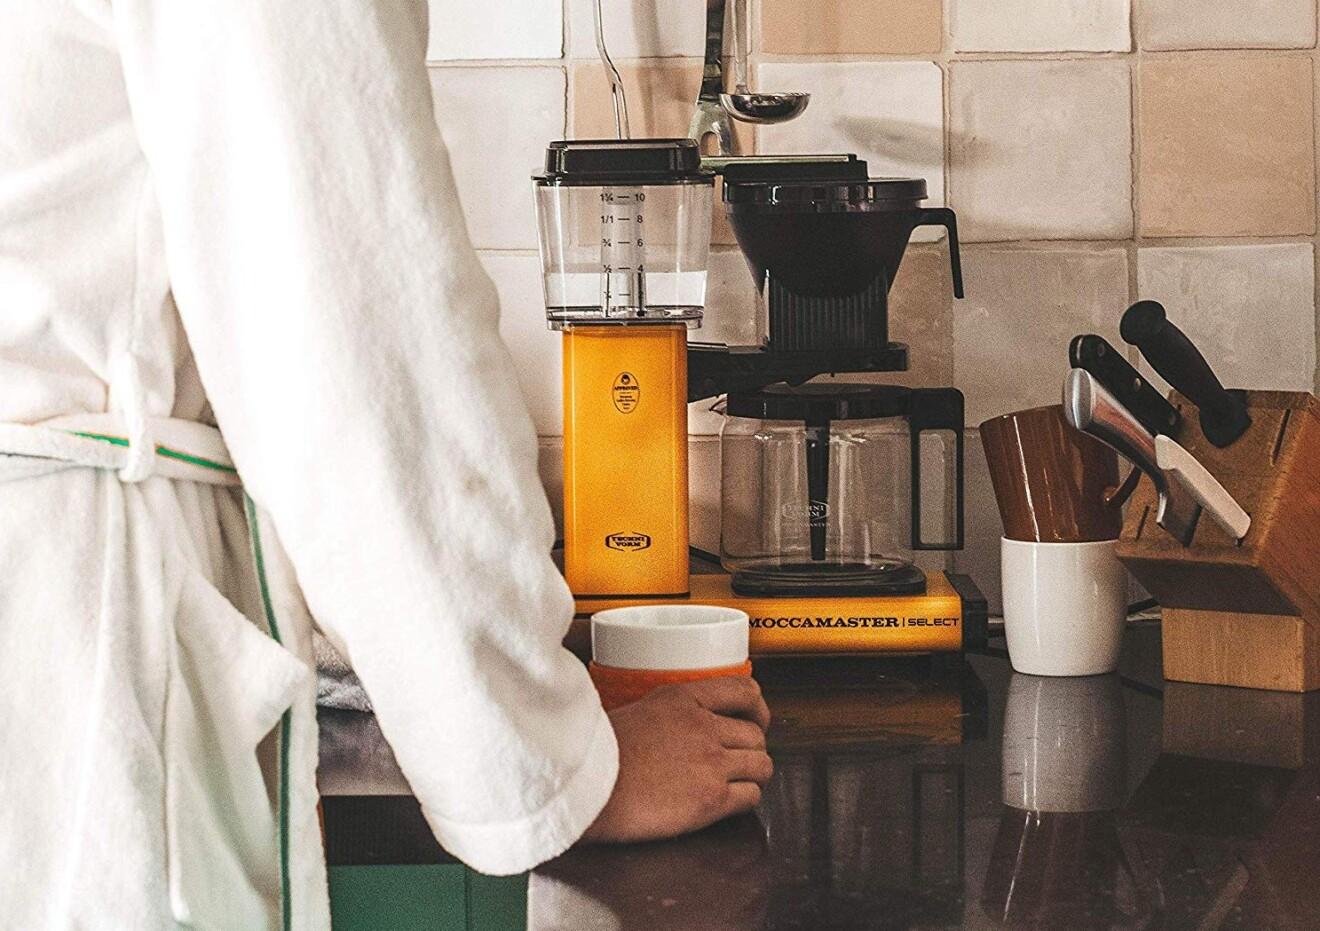 Darum wechselte ich vom Kaffee-Vollautomaten zur klassischen Filtermaschine